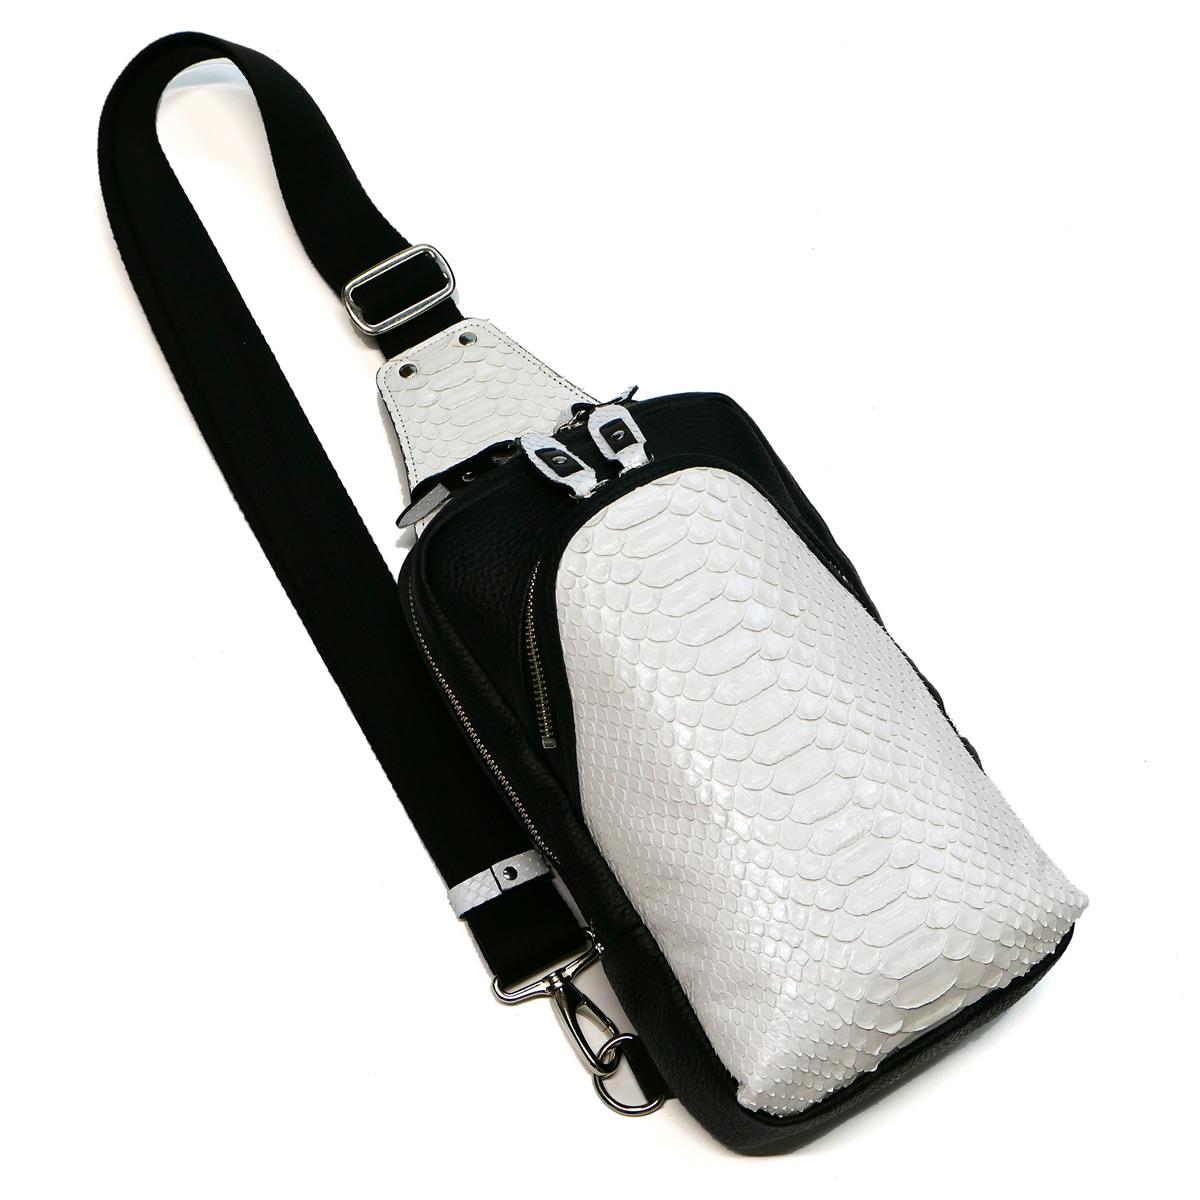 ボディーバック ワンショルダーバッグ メンズ ダイヤモンド パイソン革 蛇革 本革 斜めがけ 大容量 マットホワイト 2